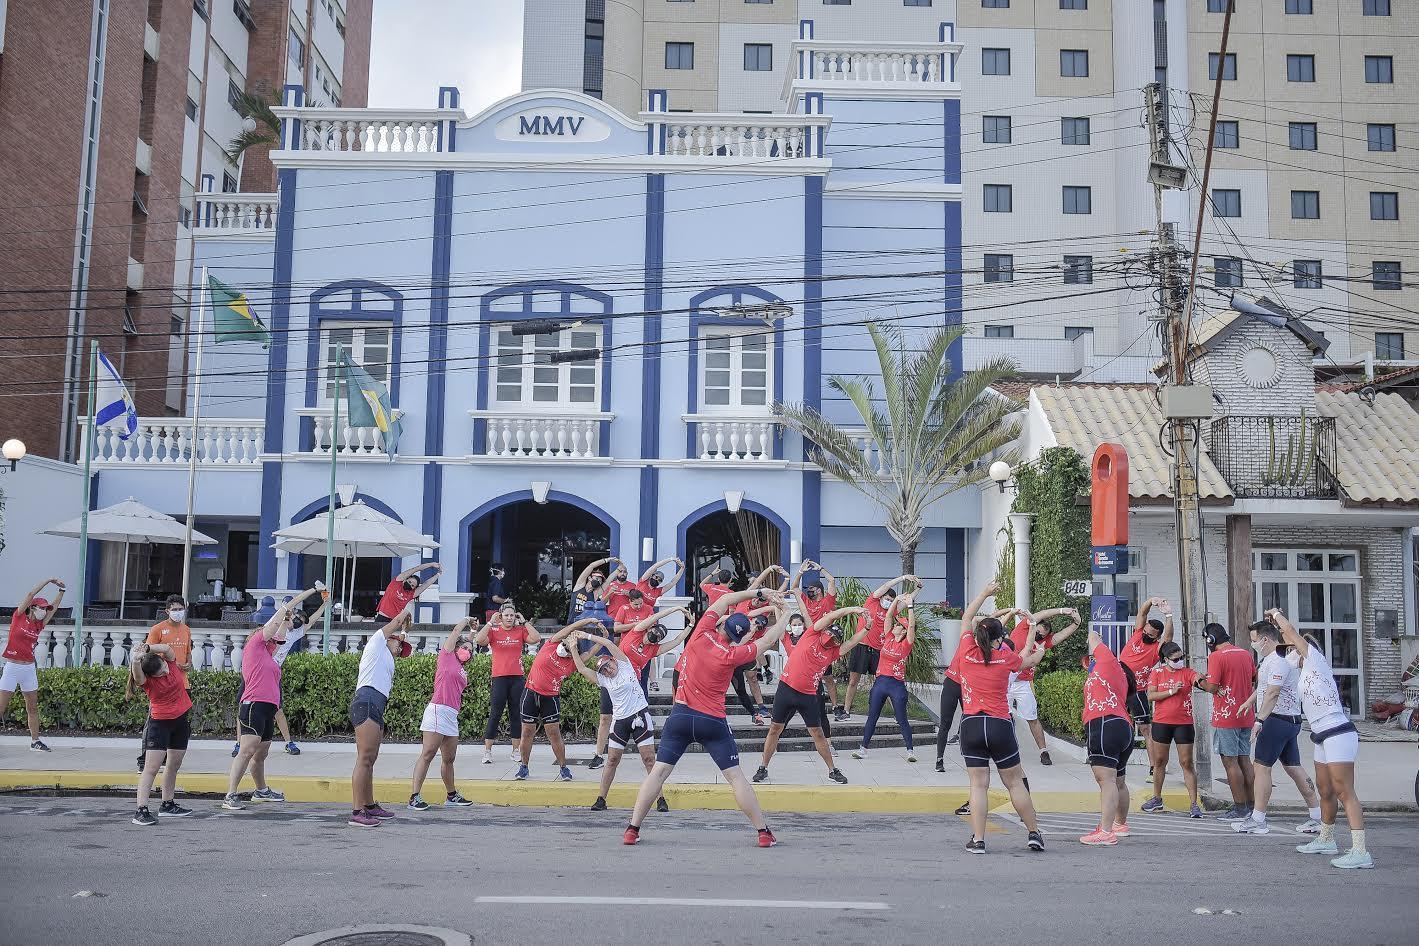 Hotel Sonata de Iracema promove corrida de rua com alunos da assessoria esportiva Tio Flavinho